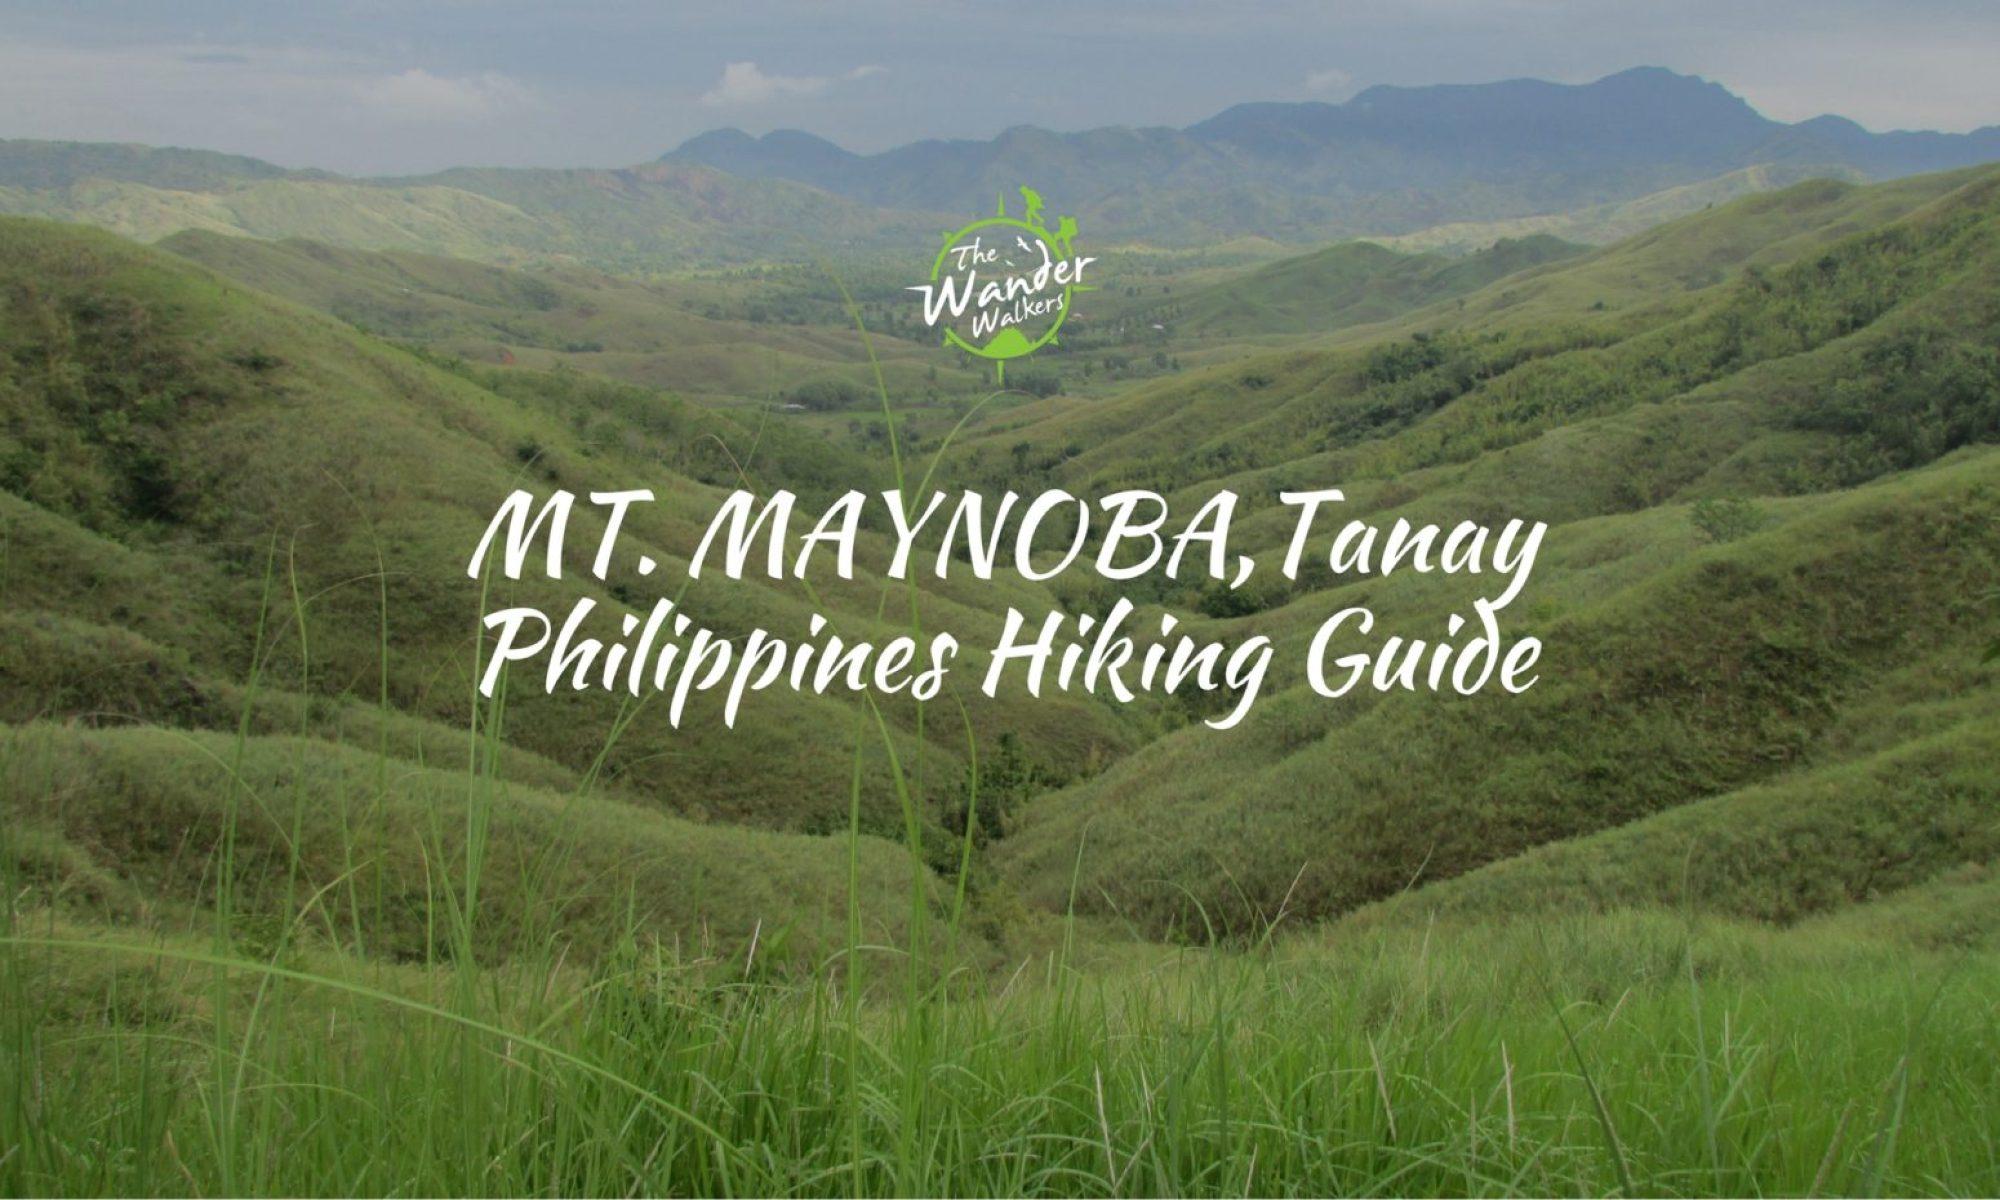 Mt. Maynoba